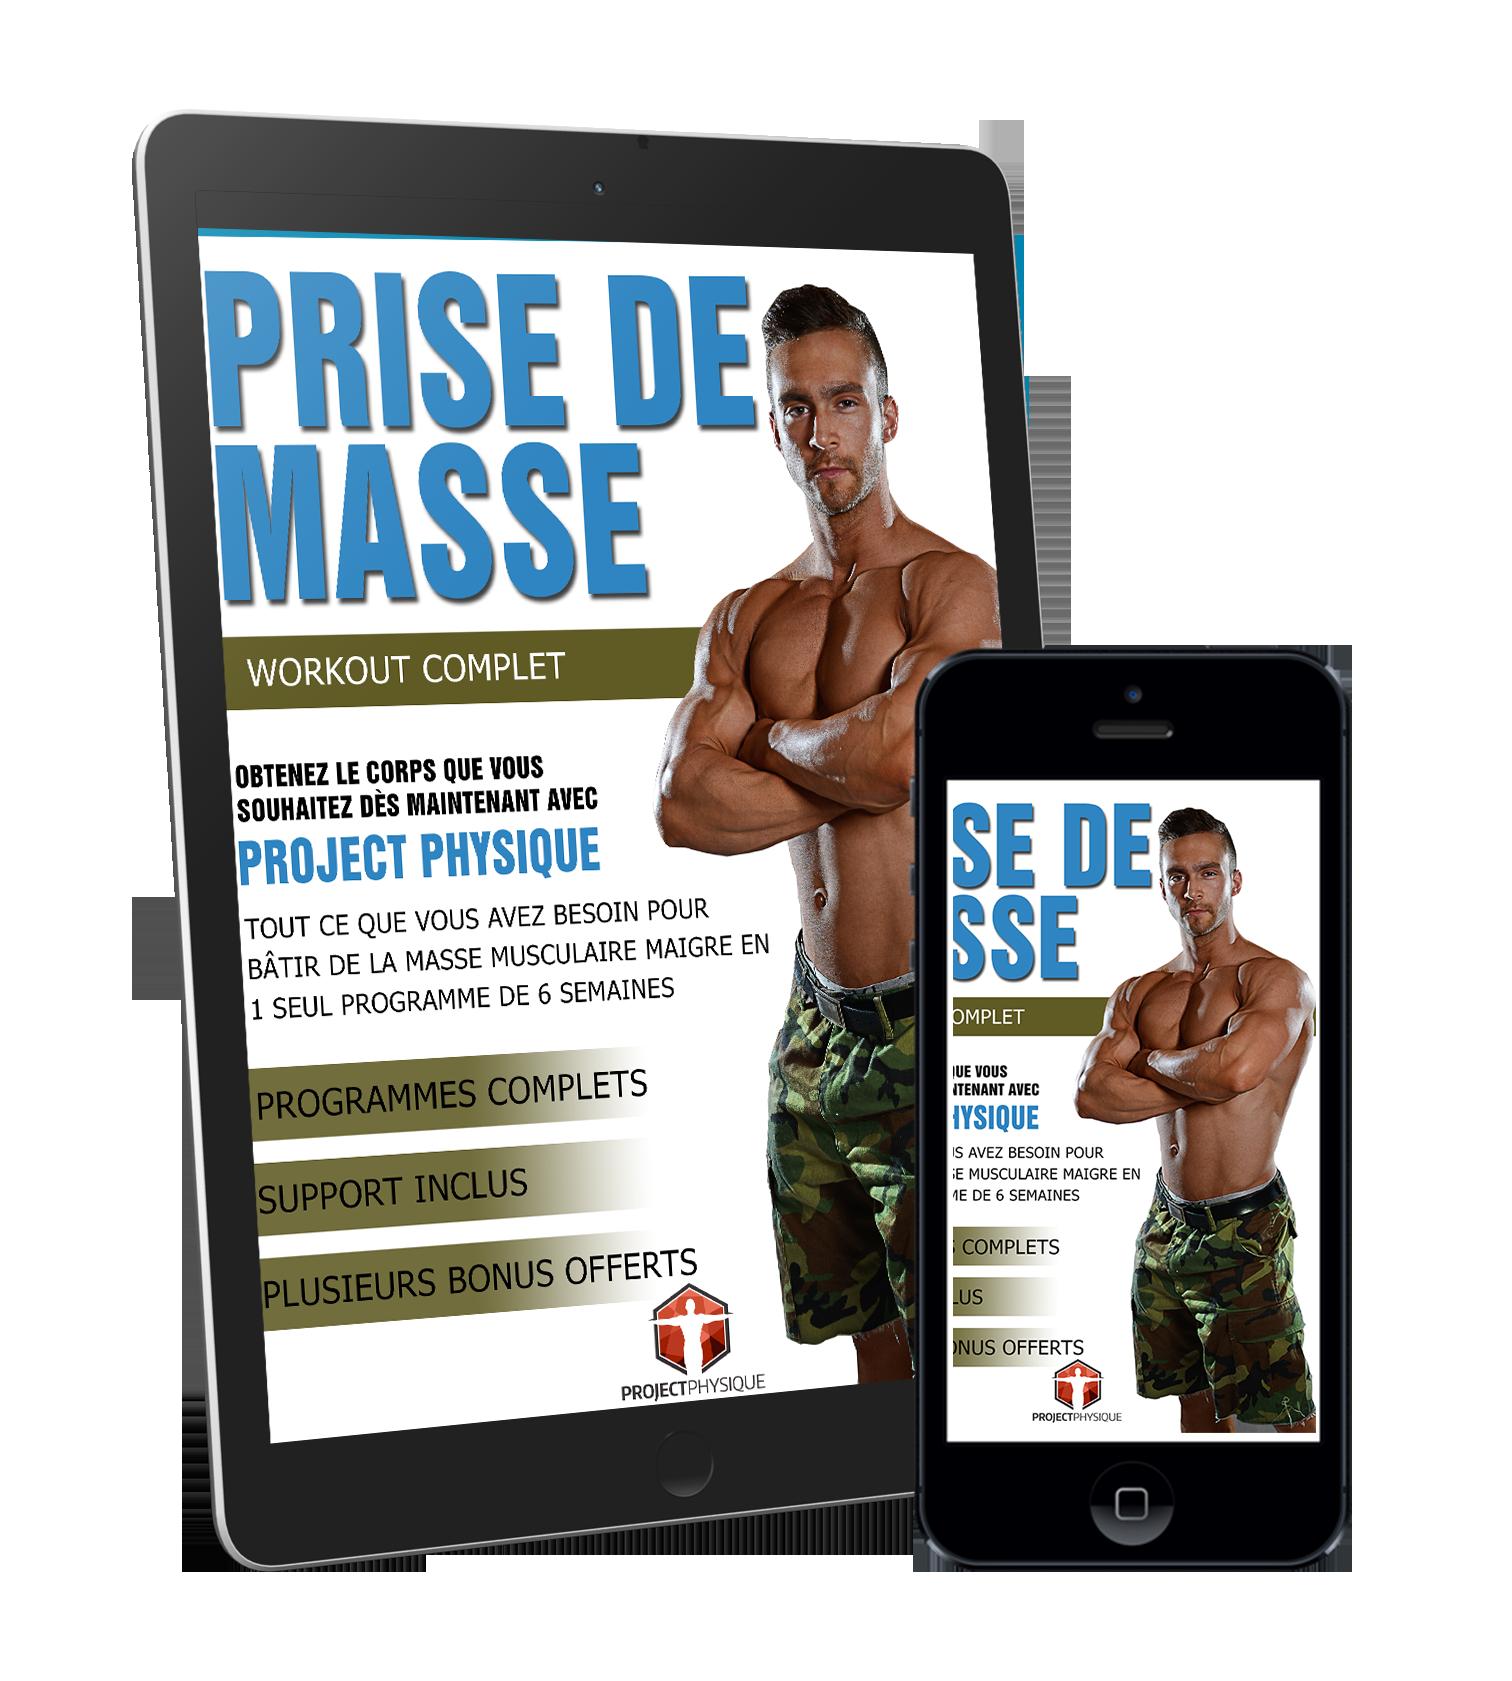 Prise de masse niveau i project physique - Programme alimentaire prise de masse musculaire ...